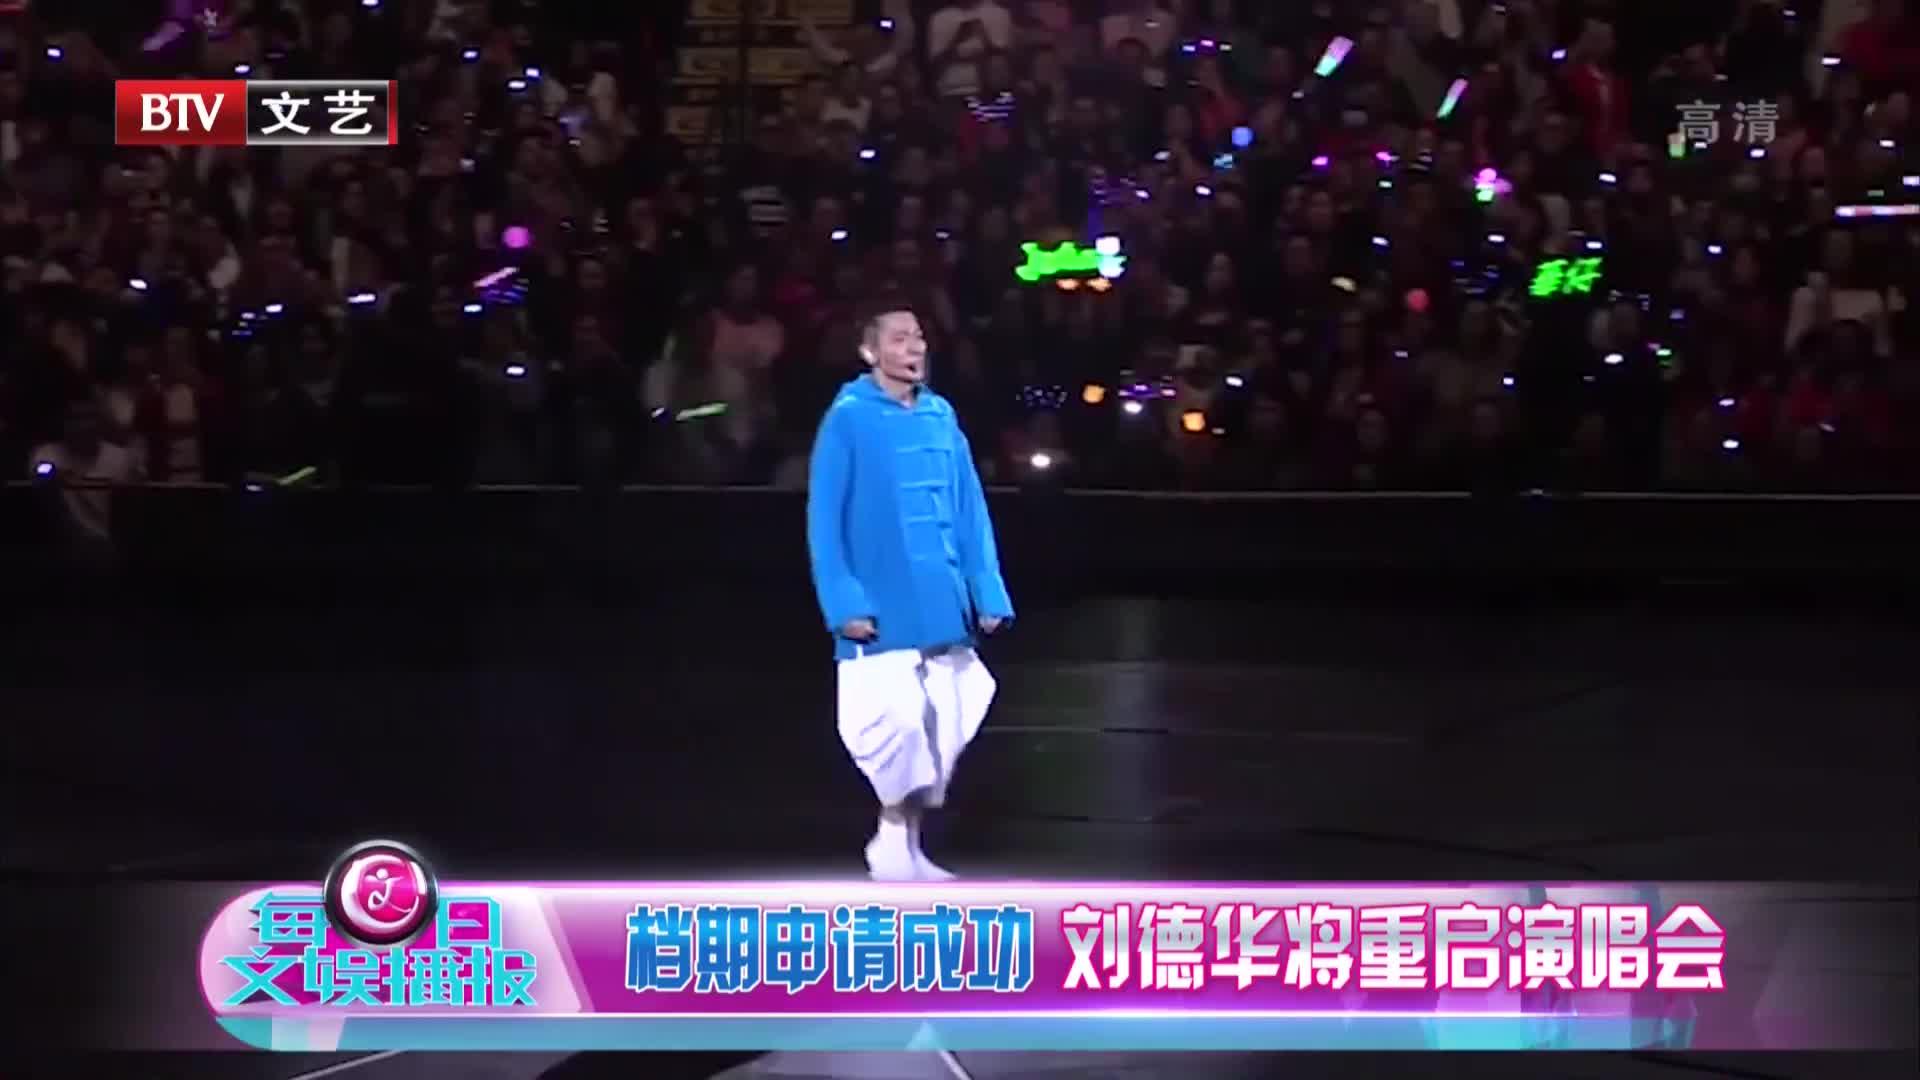 [视频]档期申请成功 刘德华将重启演唱会